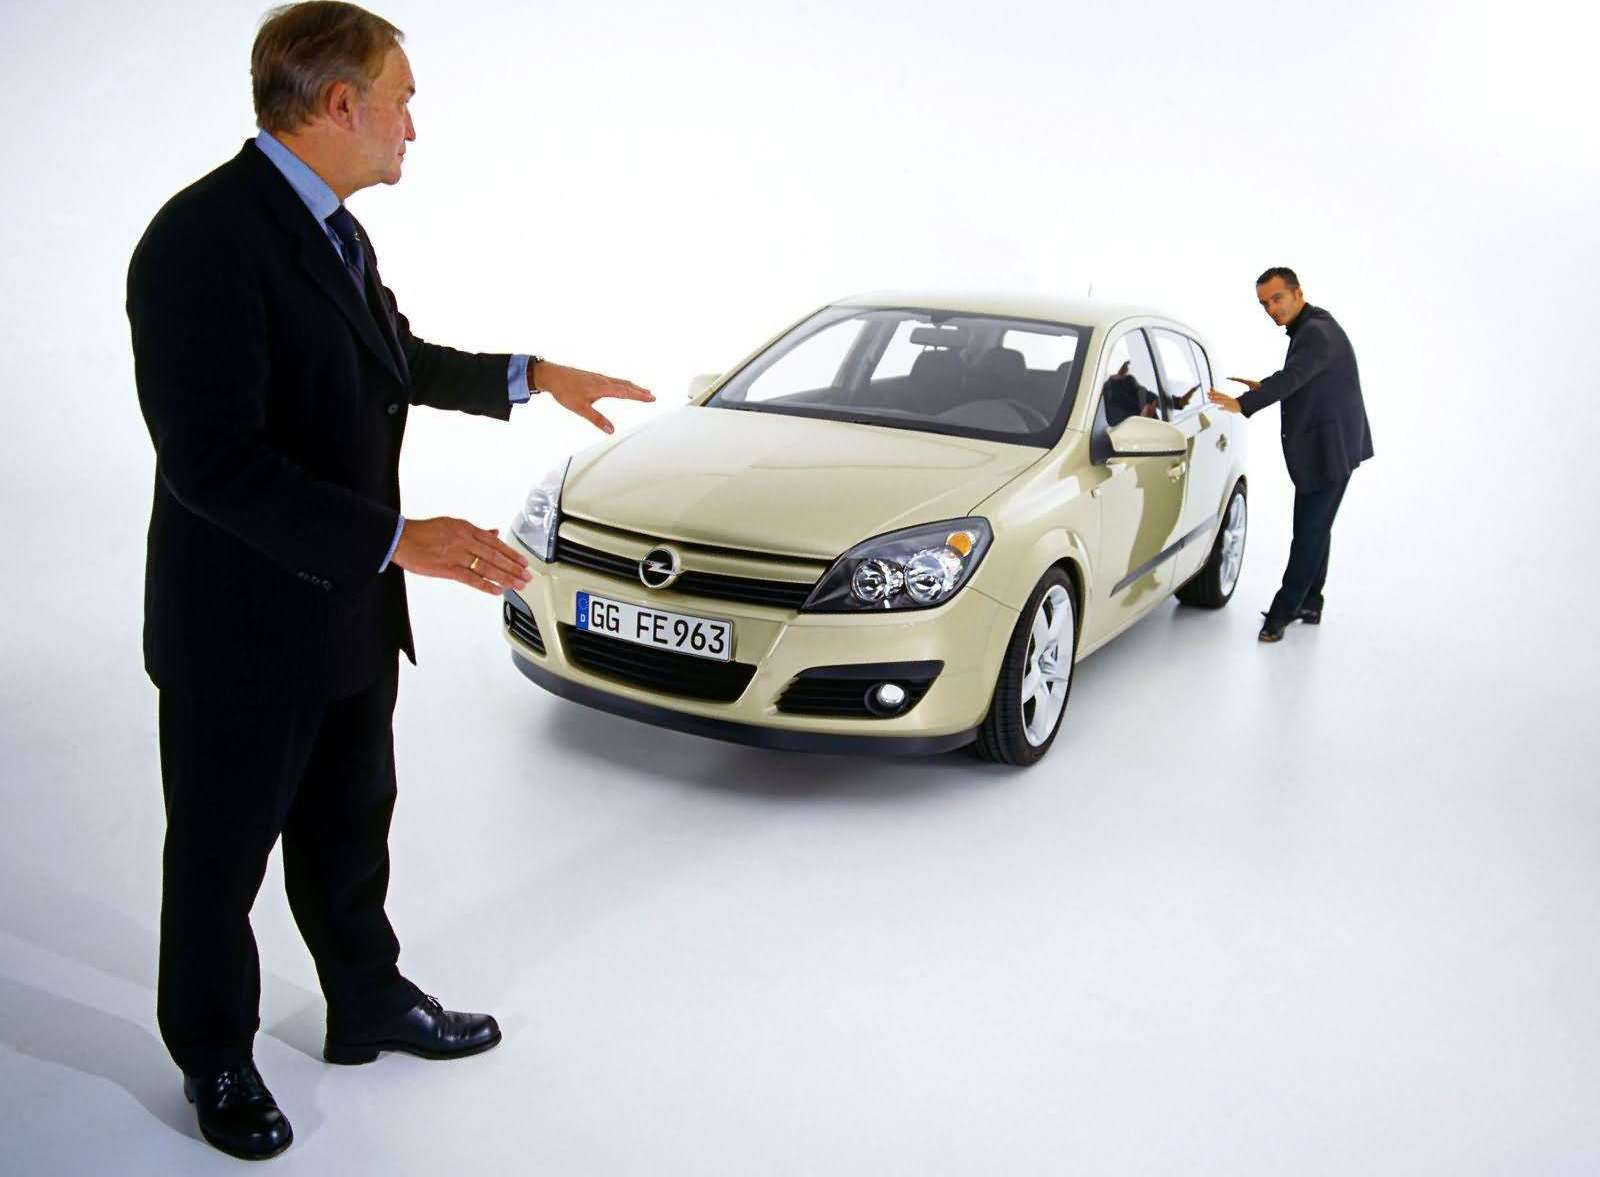 какие машины больше всего покупают в екатеринбурге знаем, где